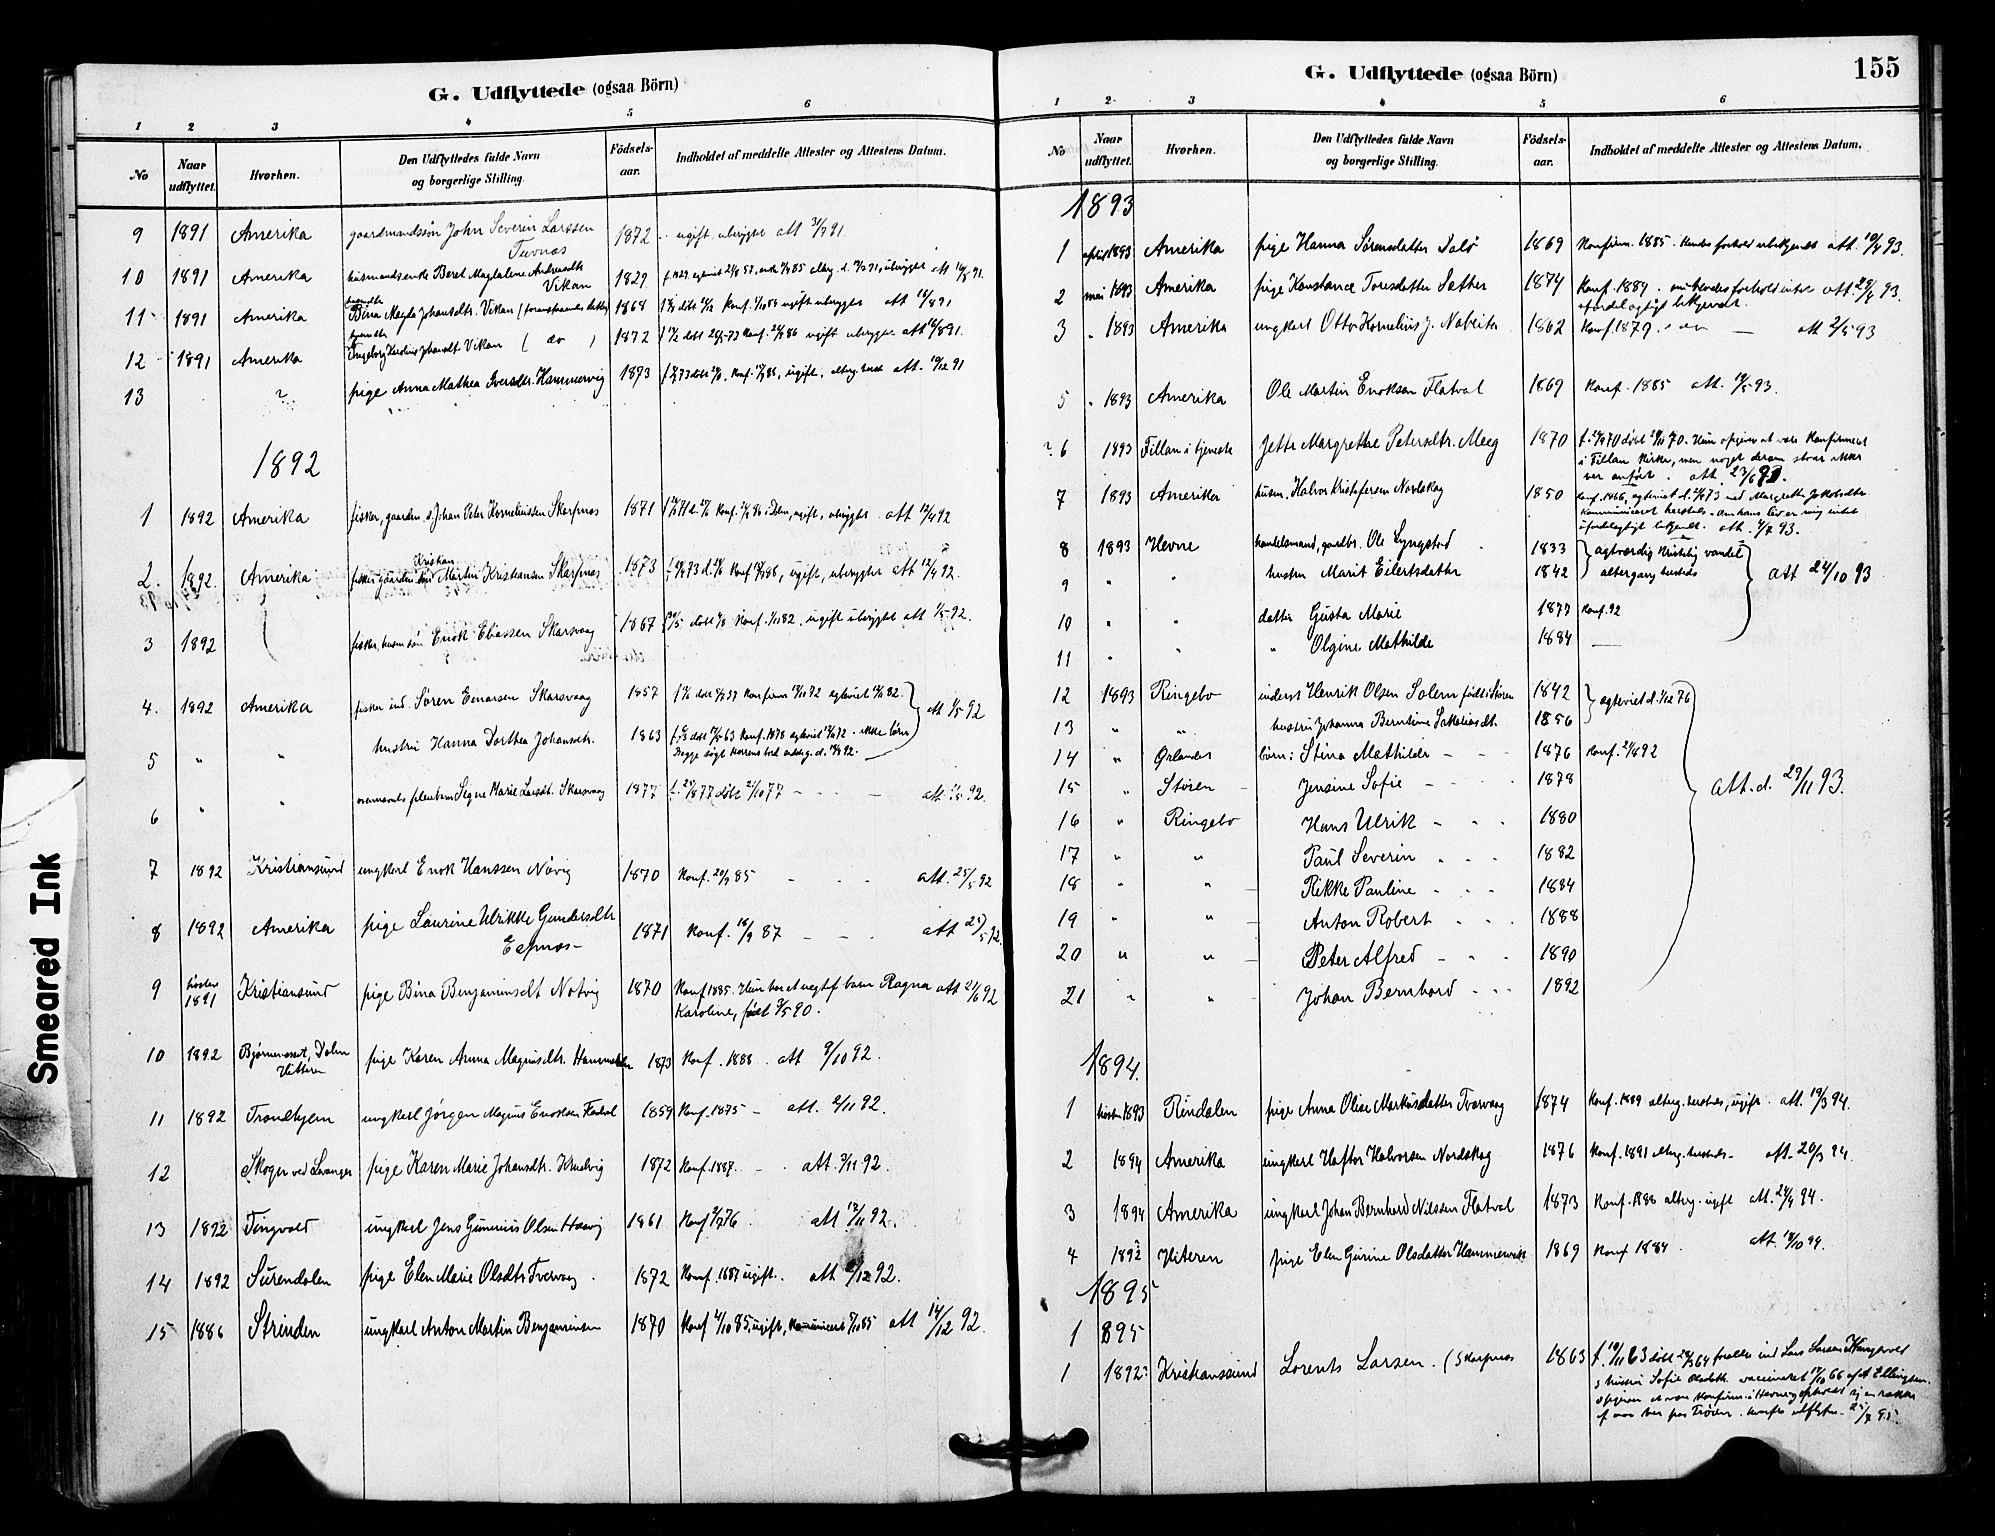 SAT, Ministerialprotokoller, klokkerbøker og fødselsregistre - Sør-Trøndelag, 641/L0595: Ministerialbok nr. 641A01, 1882-1897, s. 155